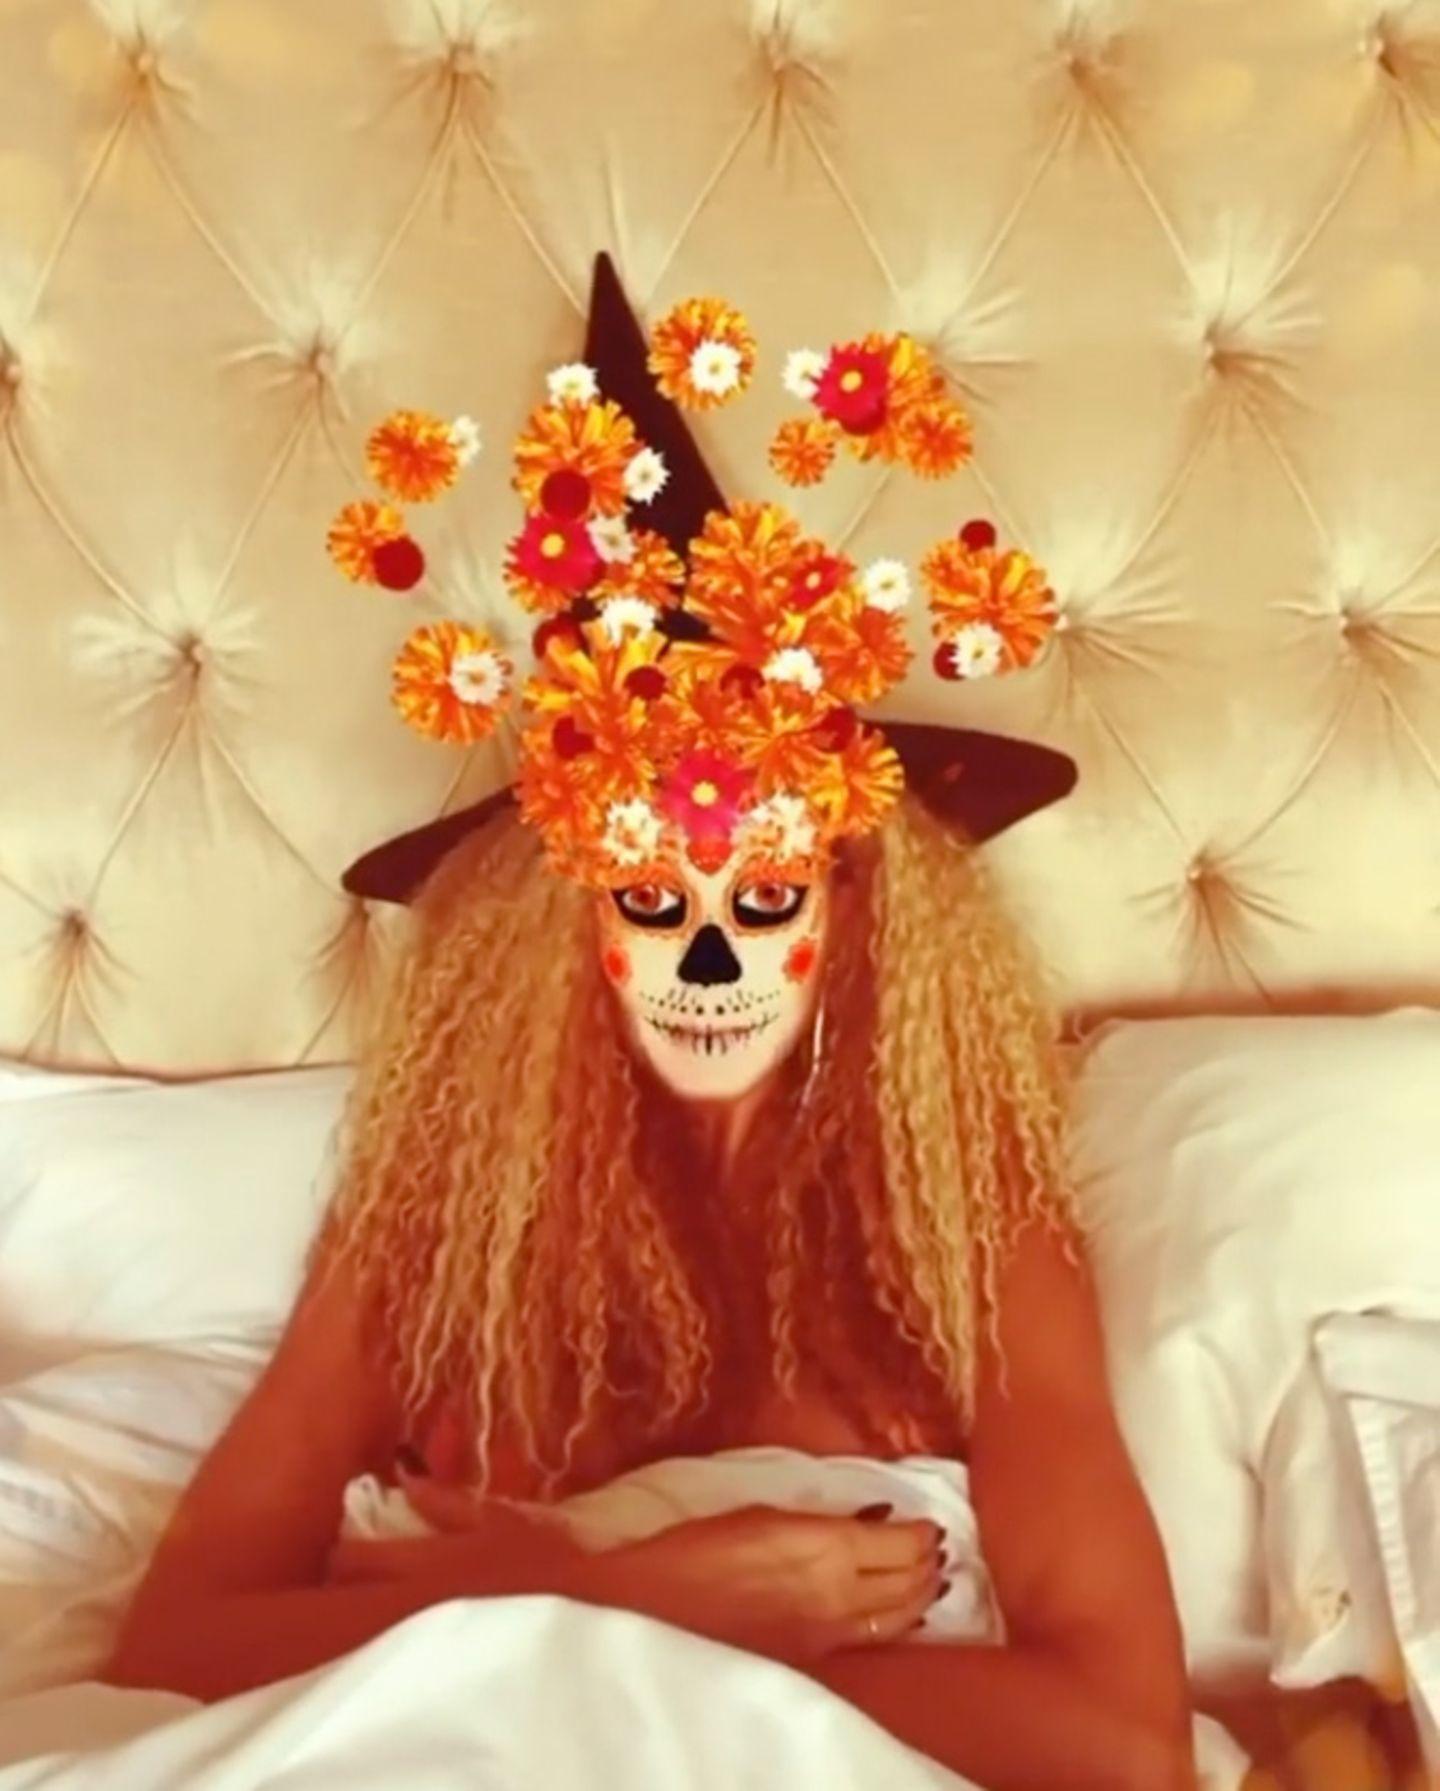 Den Spaß an Halloween lässt sich Heidi Klum auch in diesem Jahr nicht nehmen. Mit ihrem Grusel-Gruß läutet sie die neue Saison ein, die sie ganz gemütlich mit einem Horrorfilm-Marathon im Bett startet.